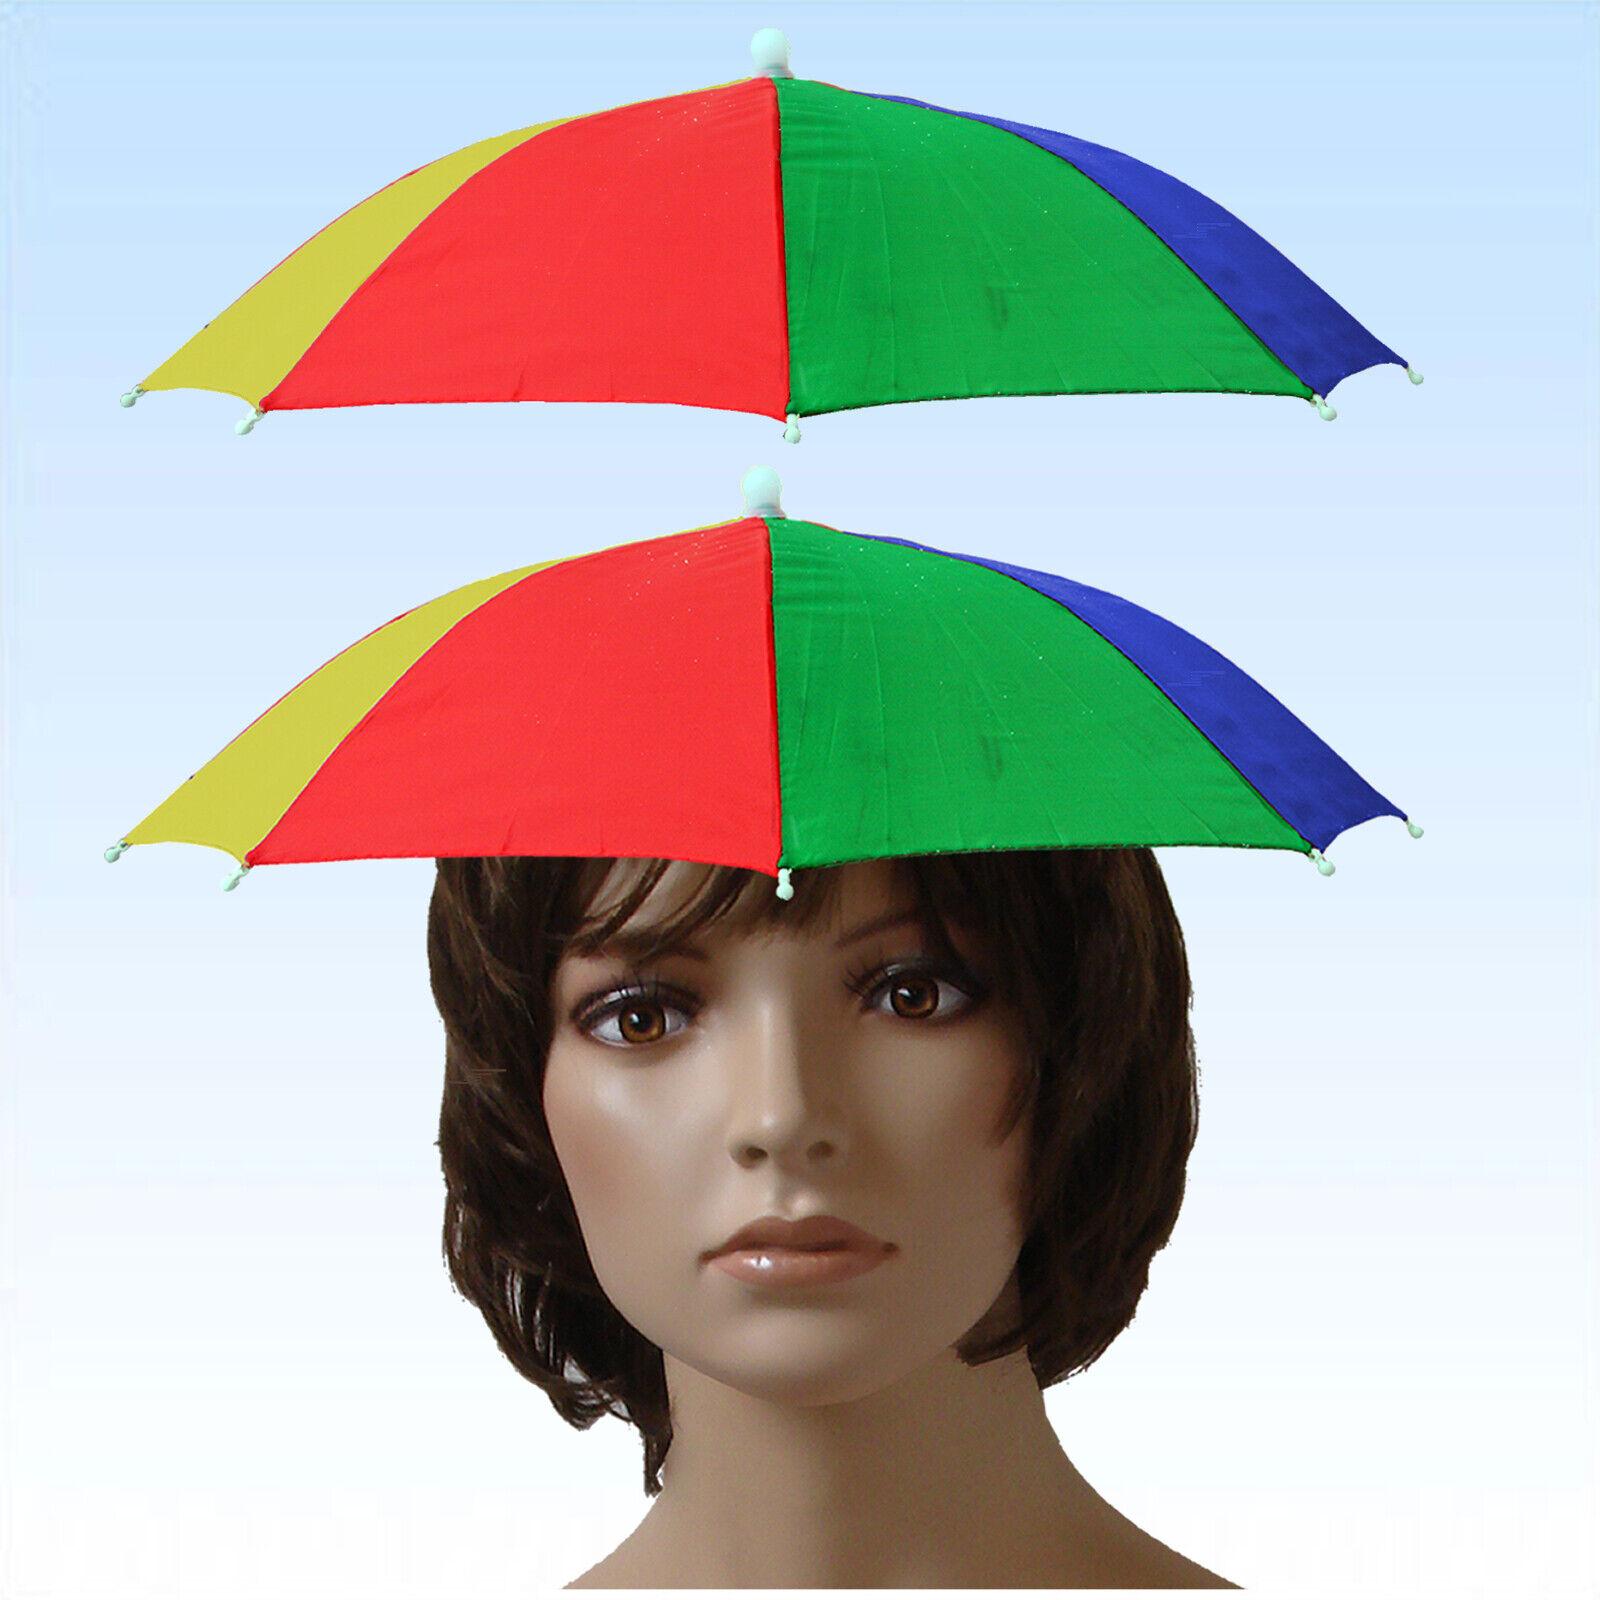 2 x Kopf Regen Sonnenschirm Regenschirm Scherzartikel Kopfschirm Kopfregenschirm